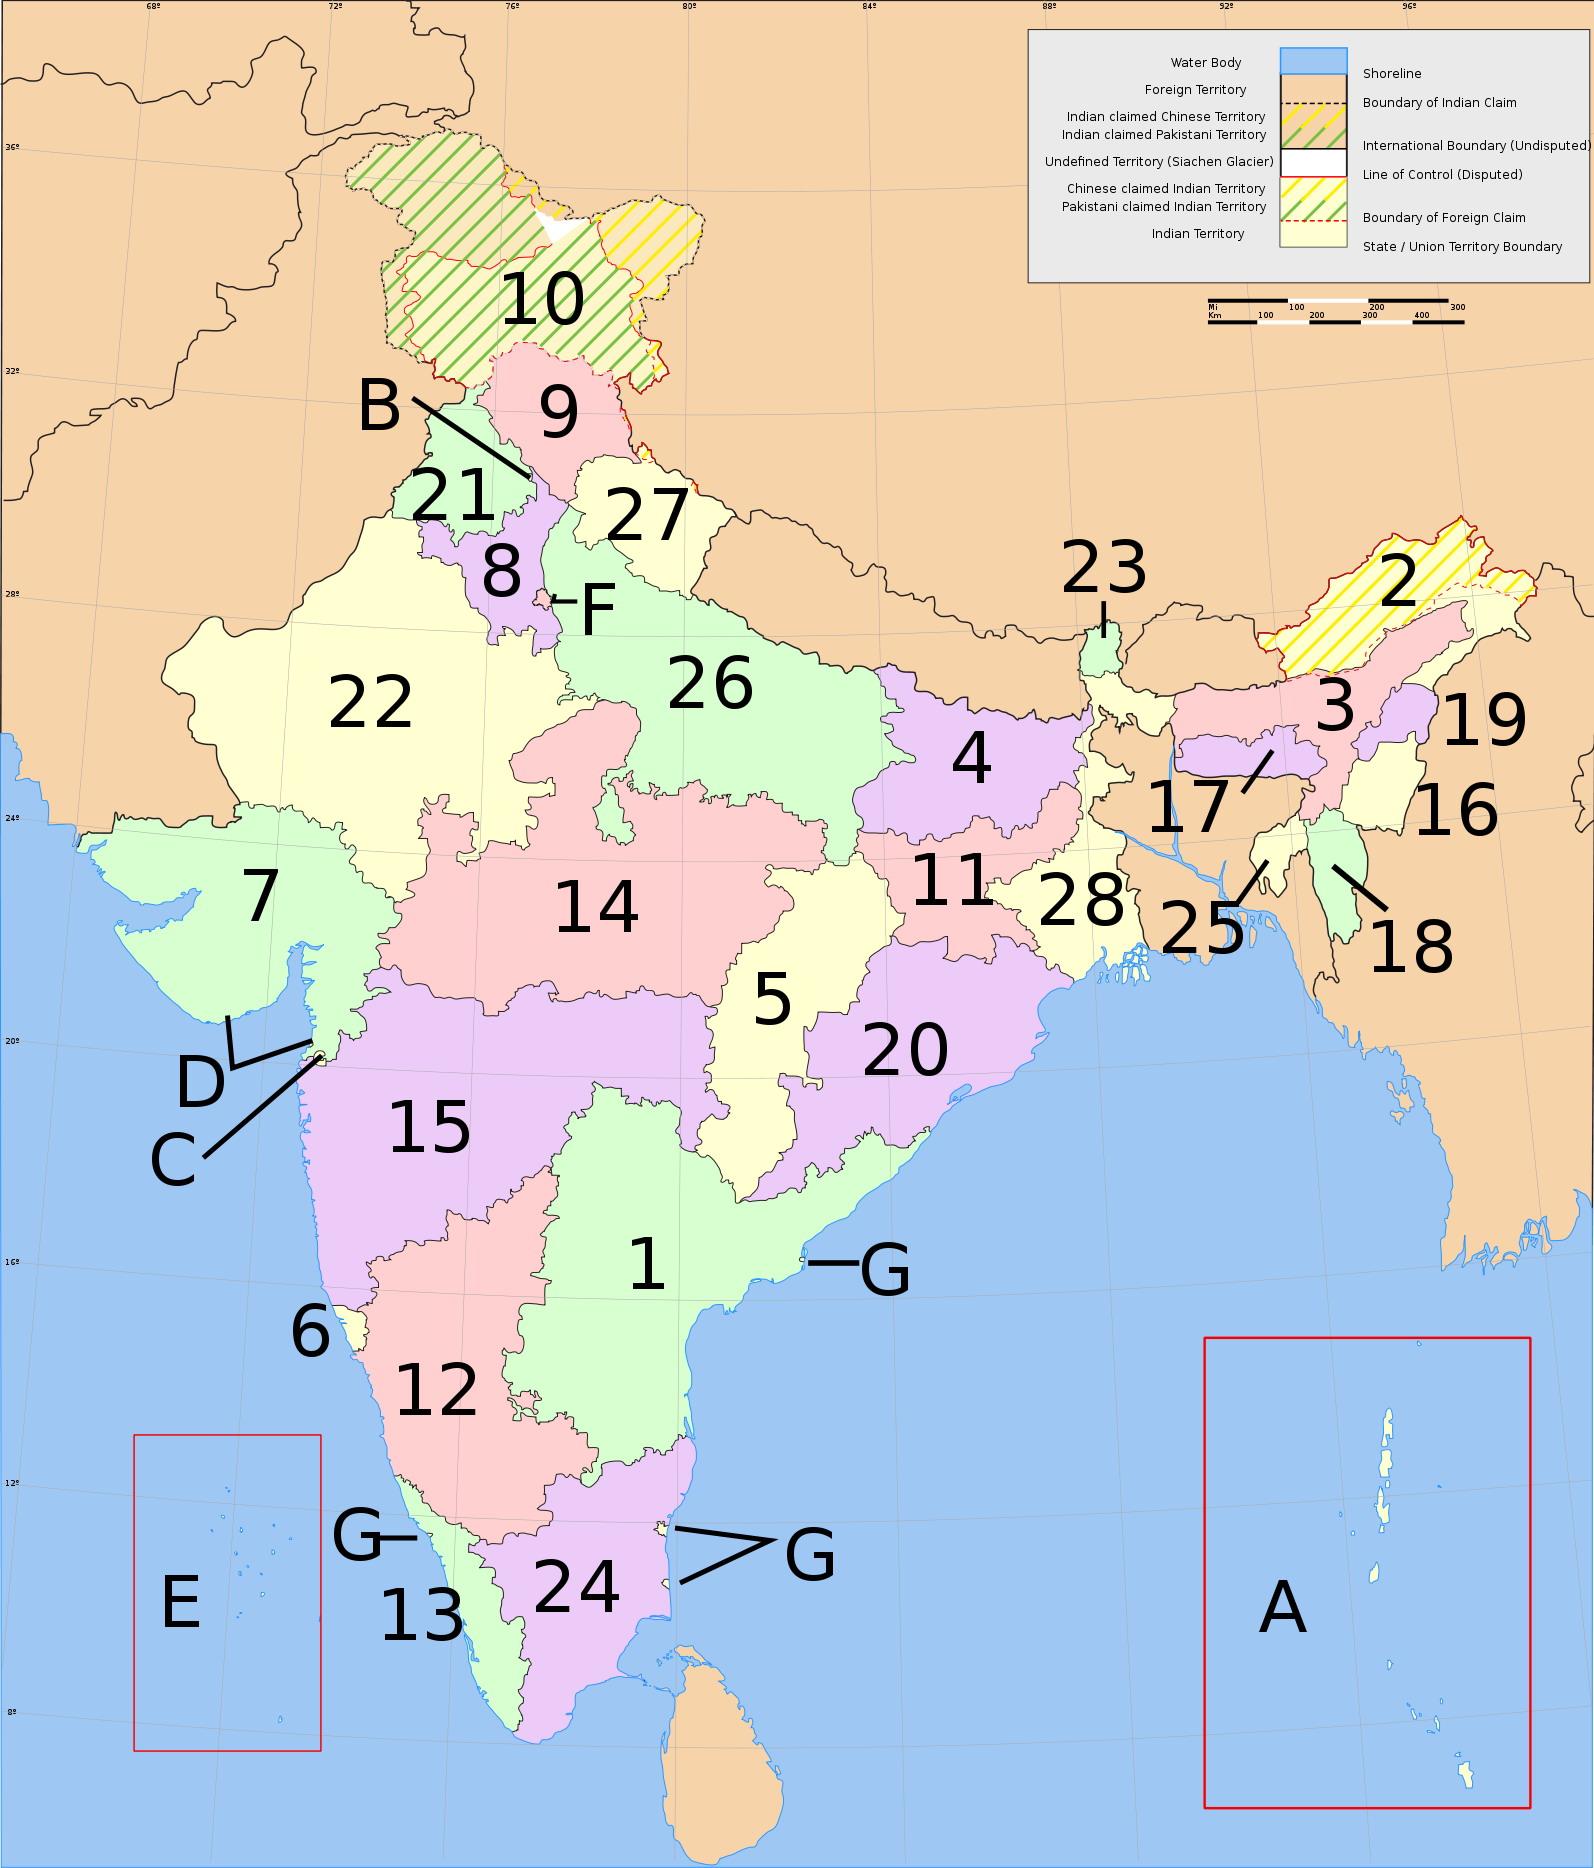 politics india